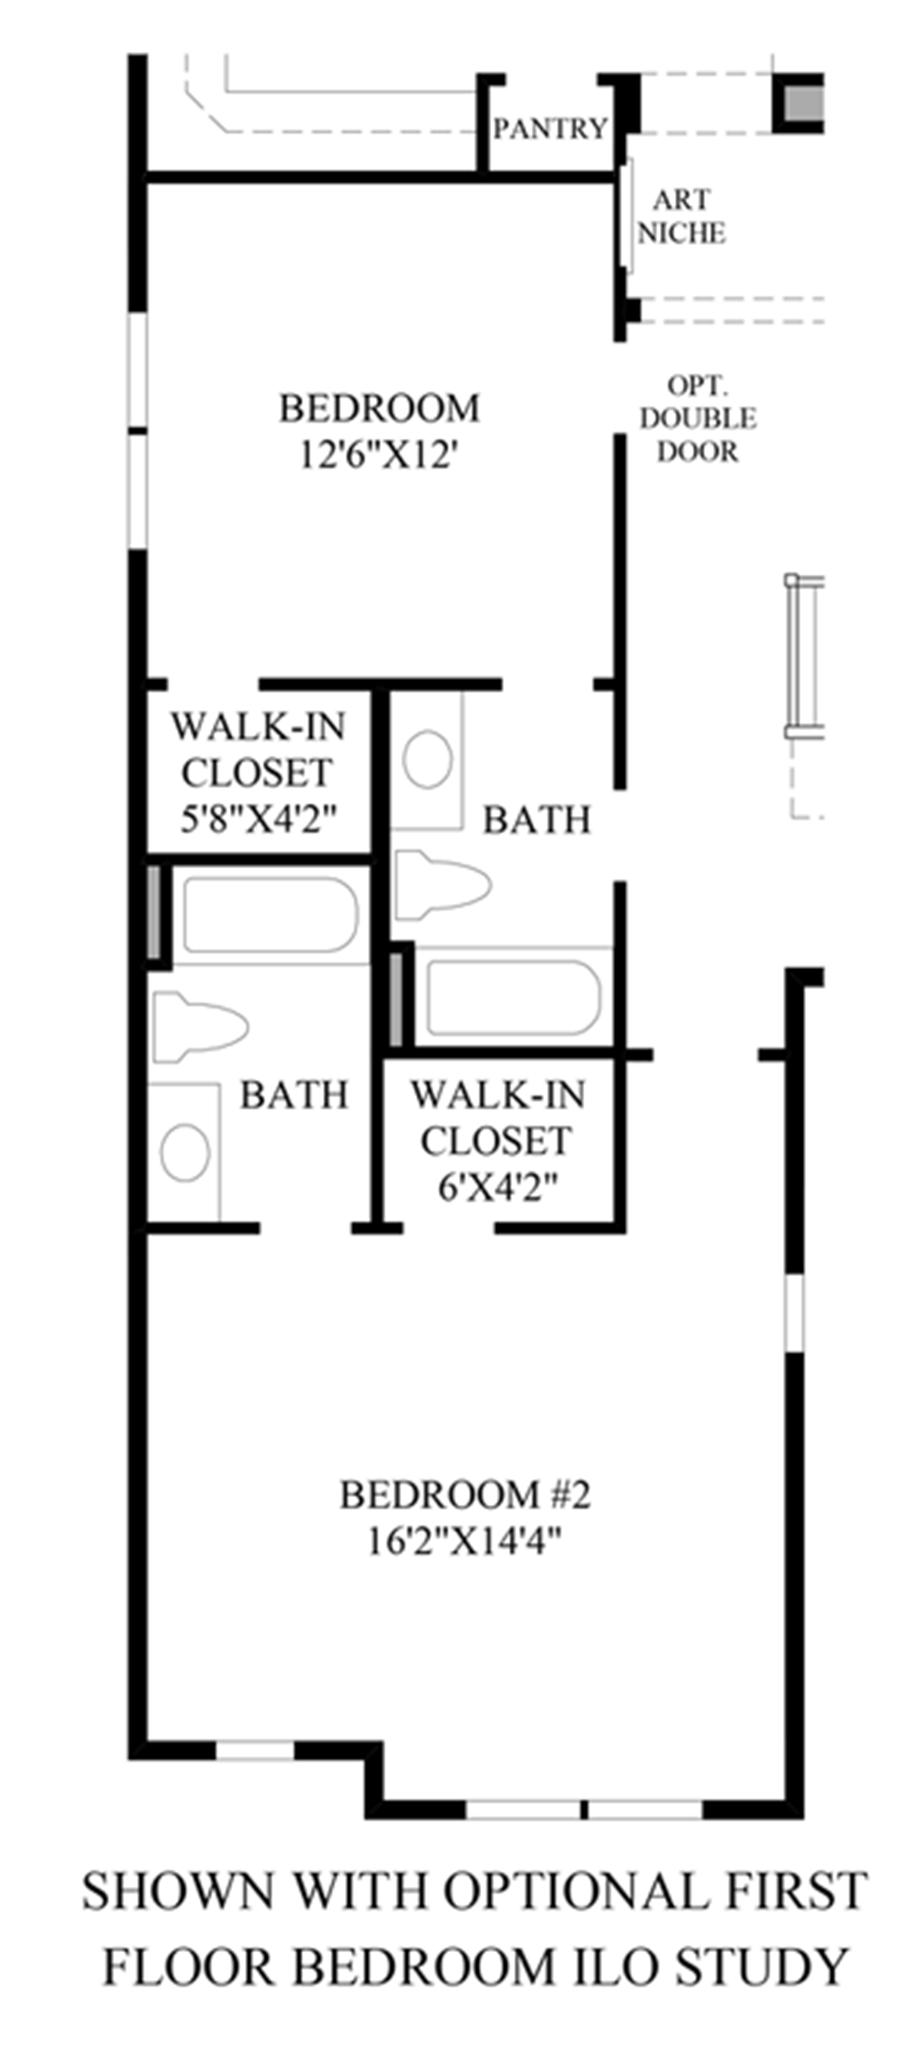 Optional 1st Floor Bedroom ILO Study Floor Plan